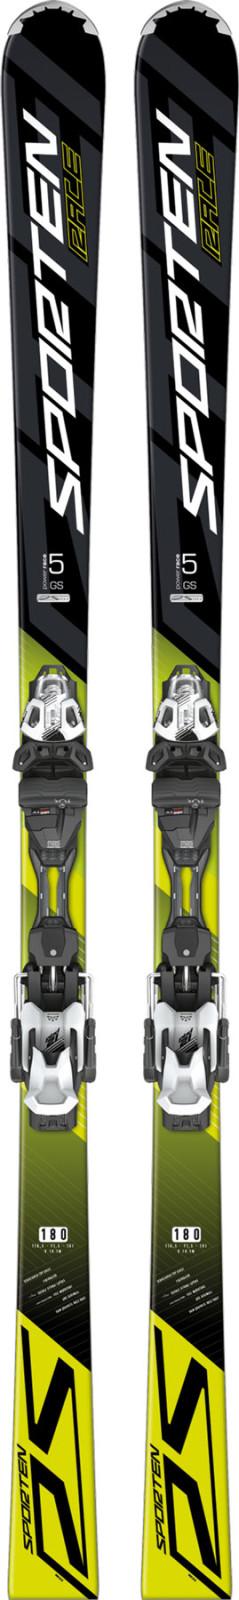 Sporten RS 5 GS